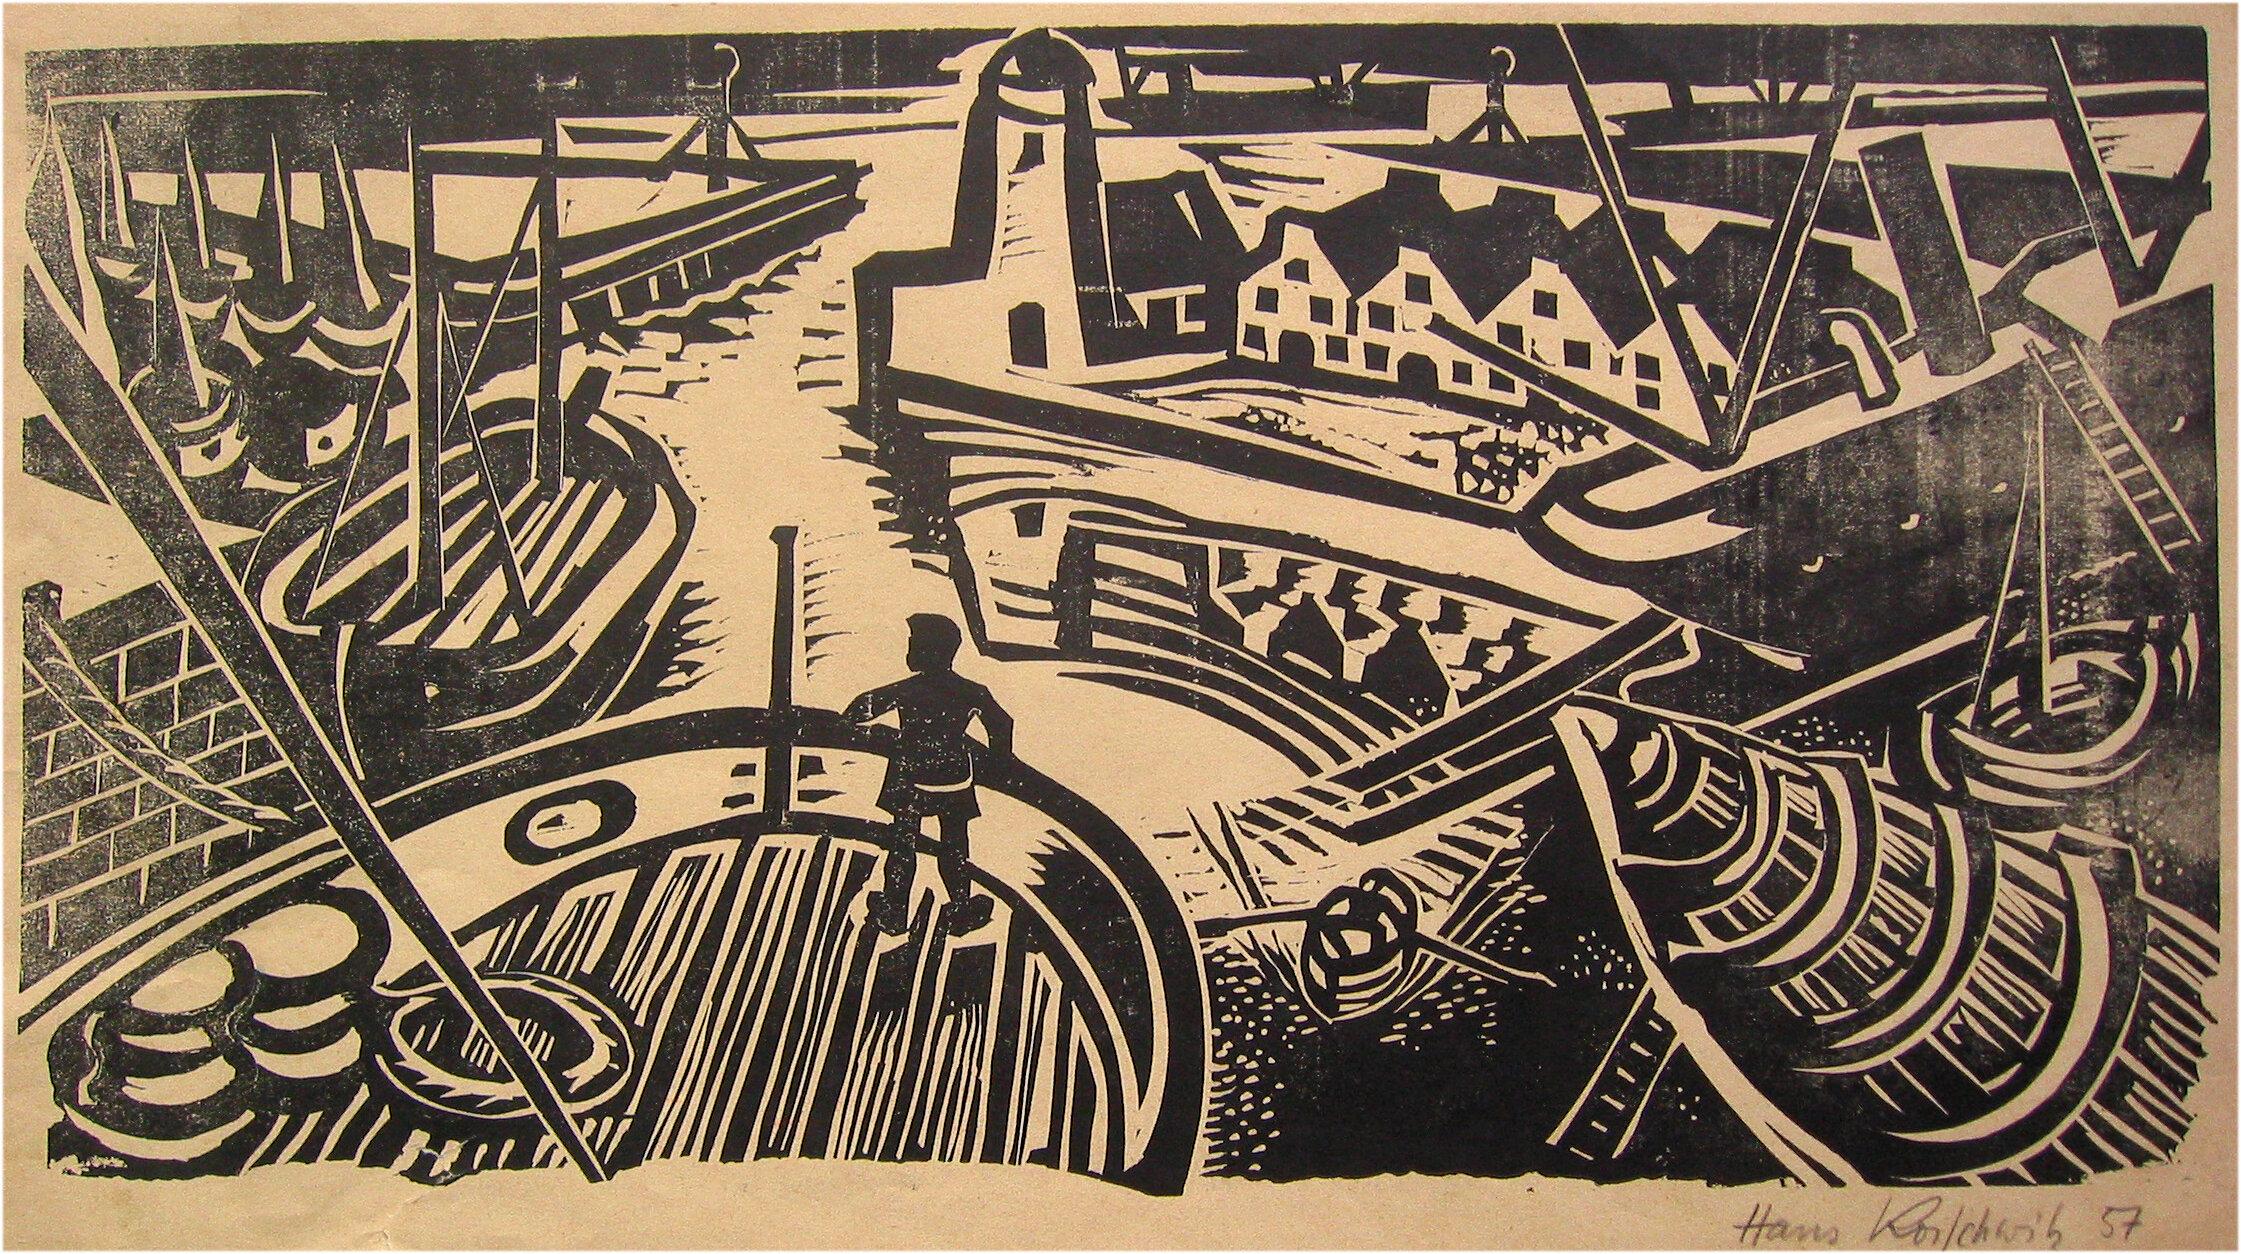 Hans Koischwitz, Hafen 1957, Linoldruck